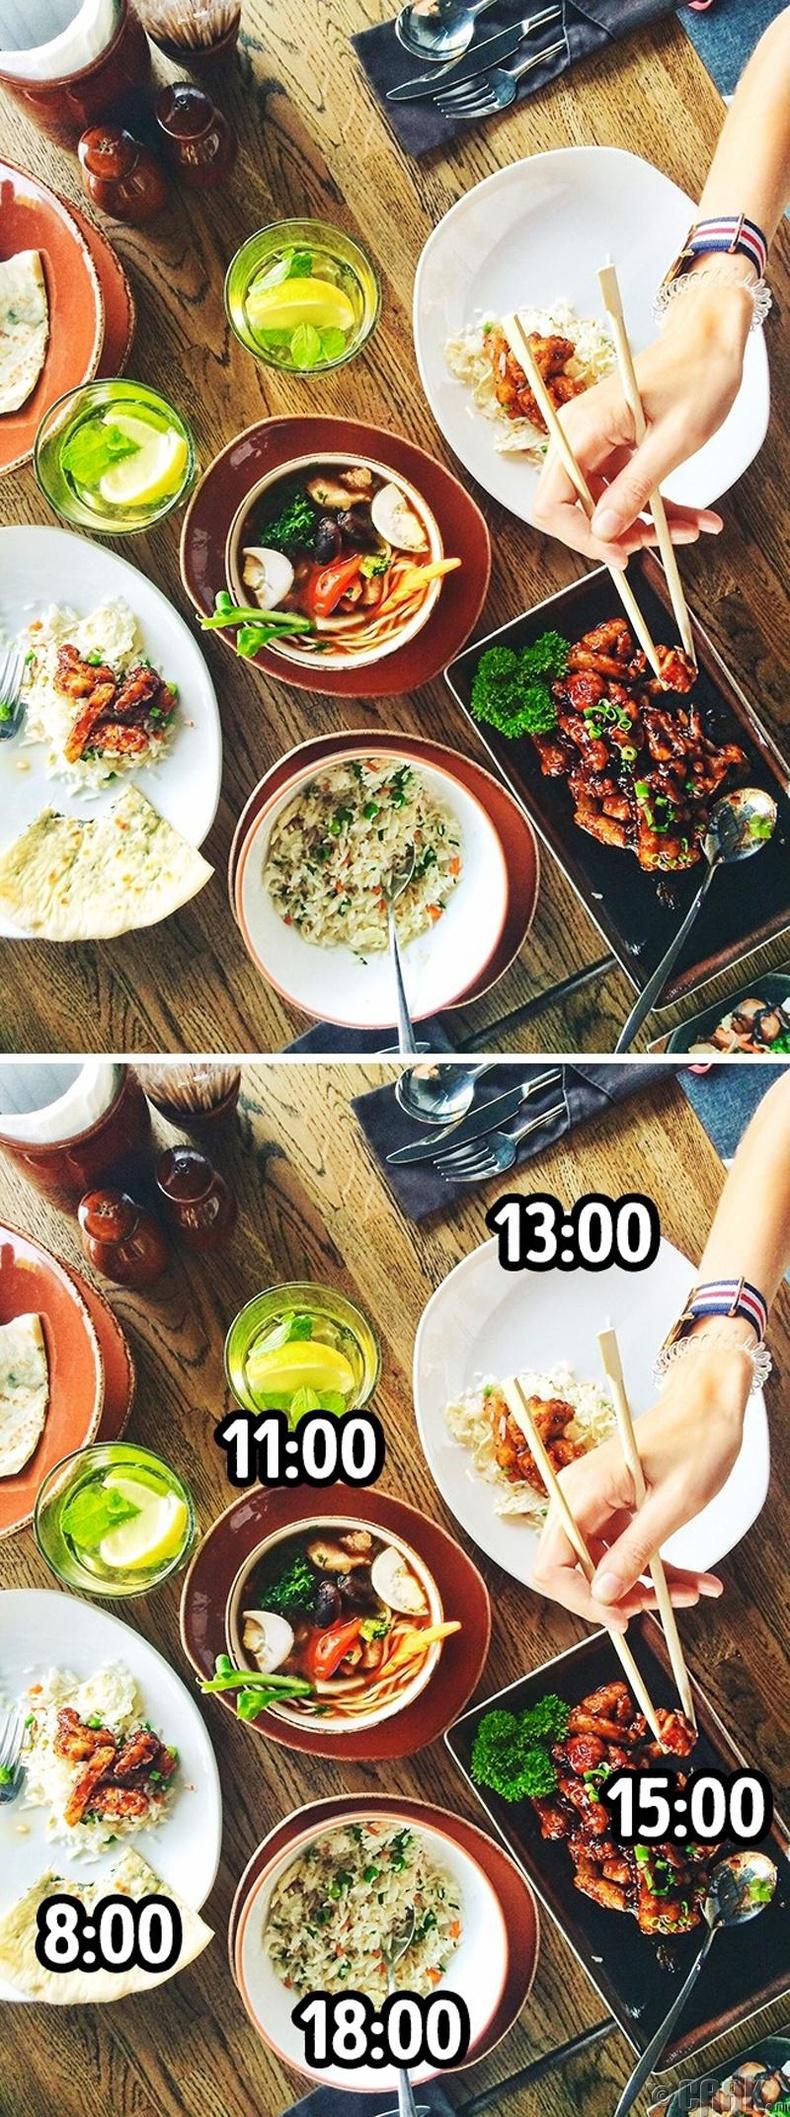 Ойр ойрхон бага багаар хооллох